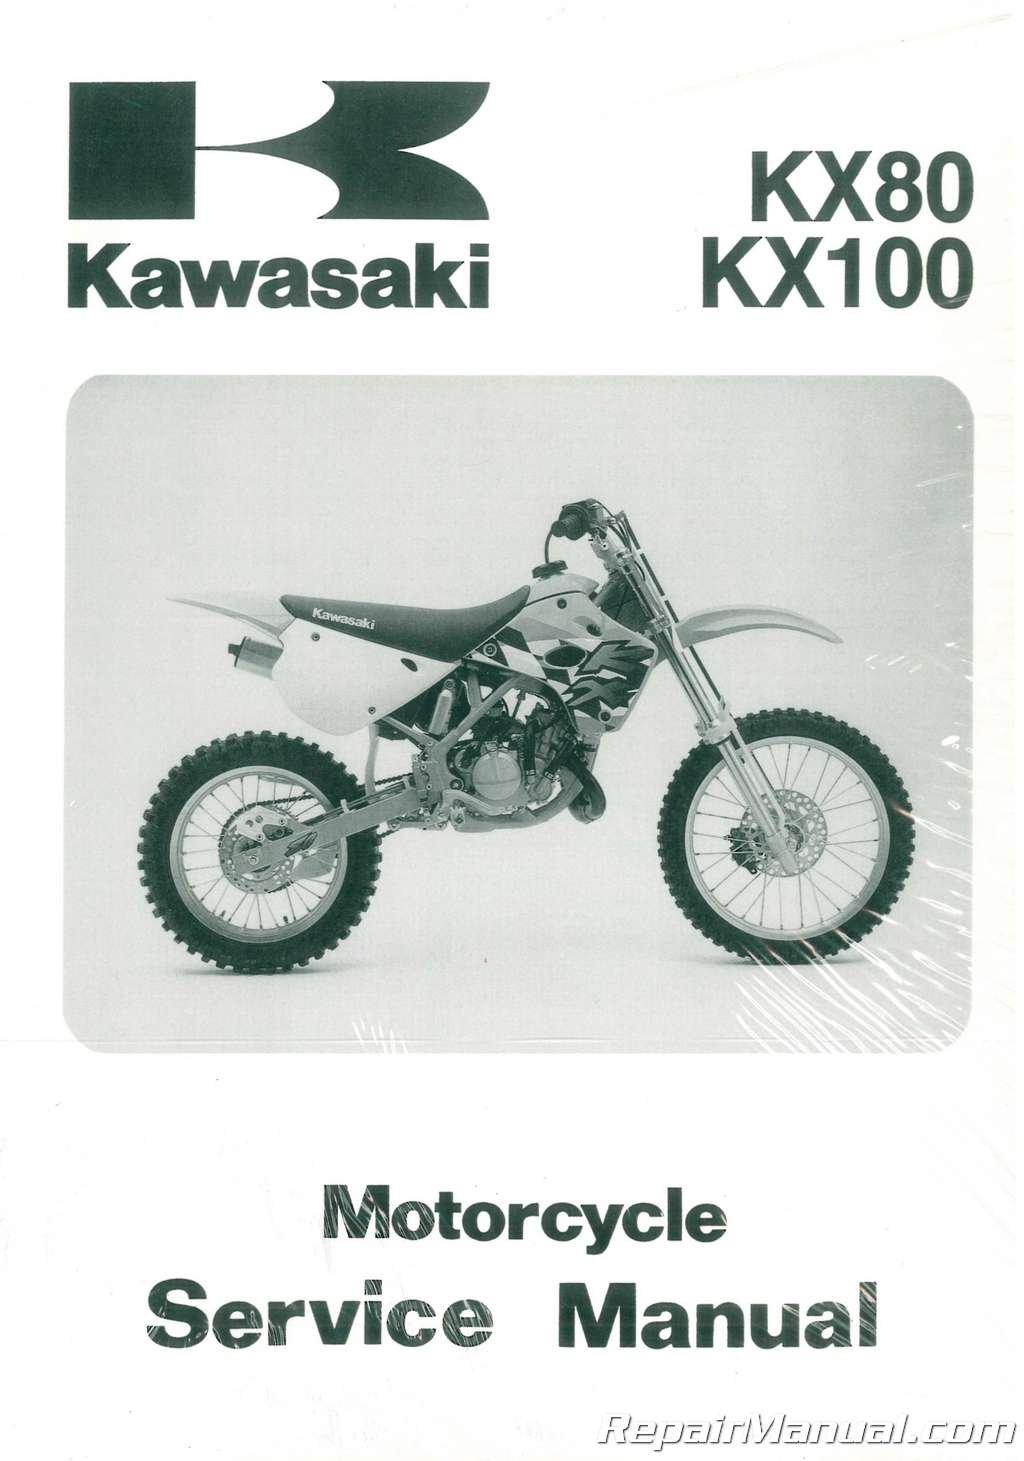 99924-1144-04 1991-1997 Kawasaki KX80 KX100 Service Manual: Manufacturer:  Amazon.com: Books